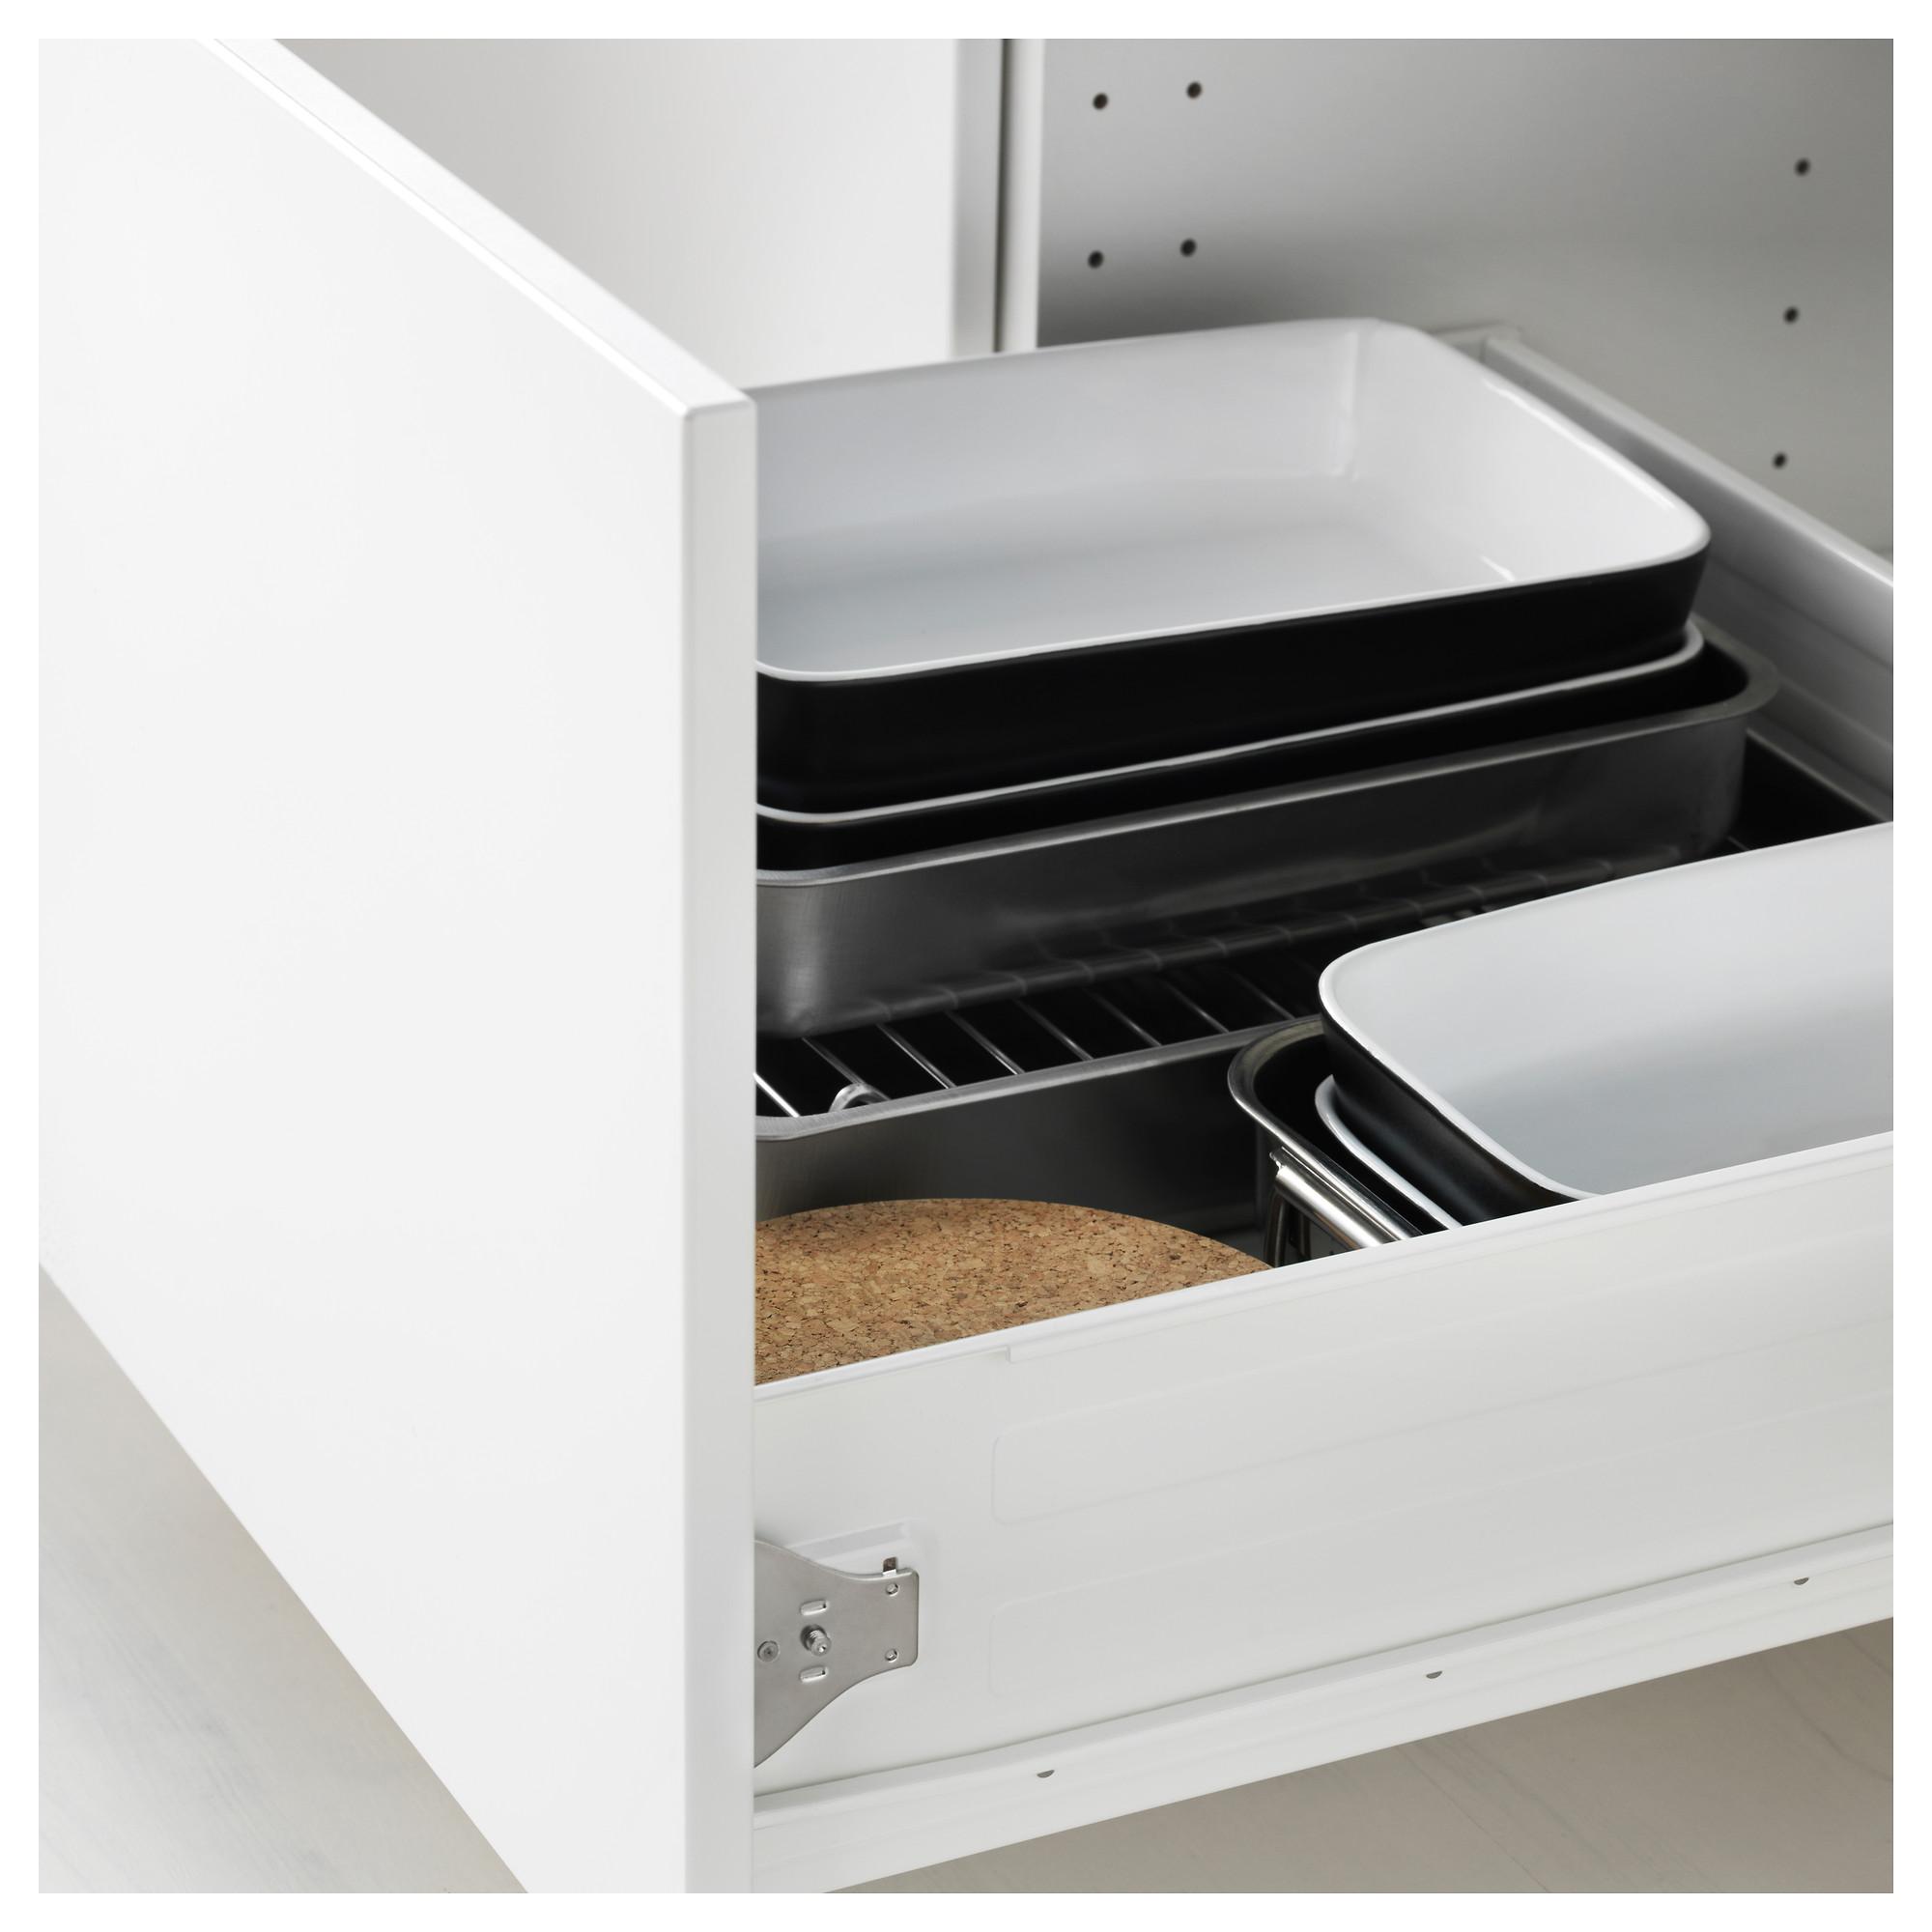 Высокий шкаф для духовки комбинированный, духовка + дверца, 3 ящика МЕТОД / ФОРВАРА черный артикуль № 992.674.44 в наличии. Онлайн магазин IKEA Беларусь. Быстрая доставка и соборка.